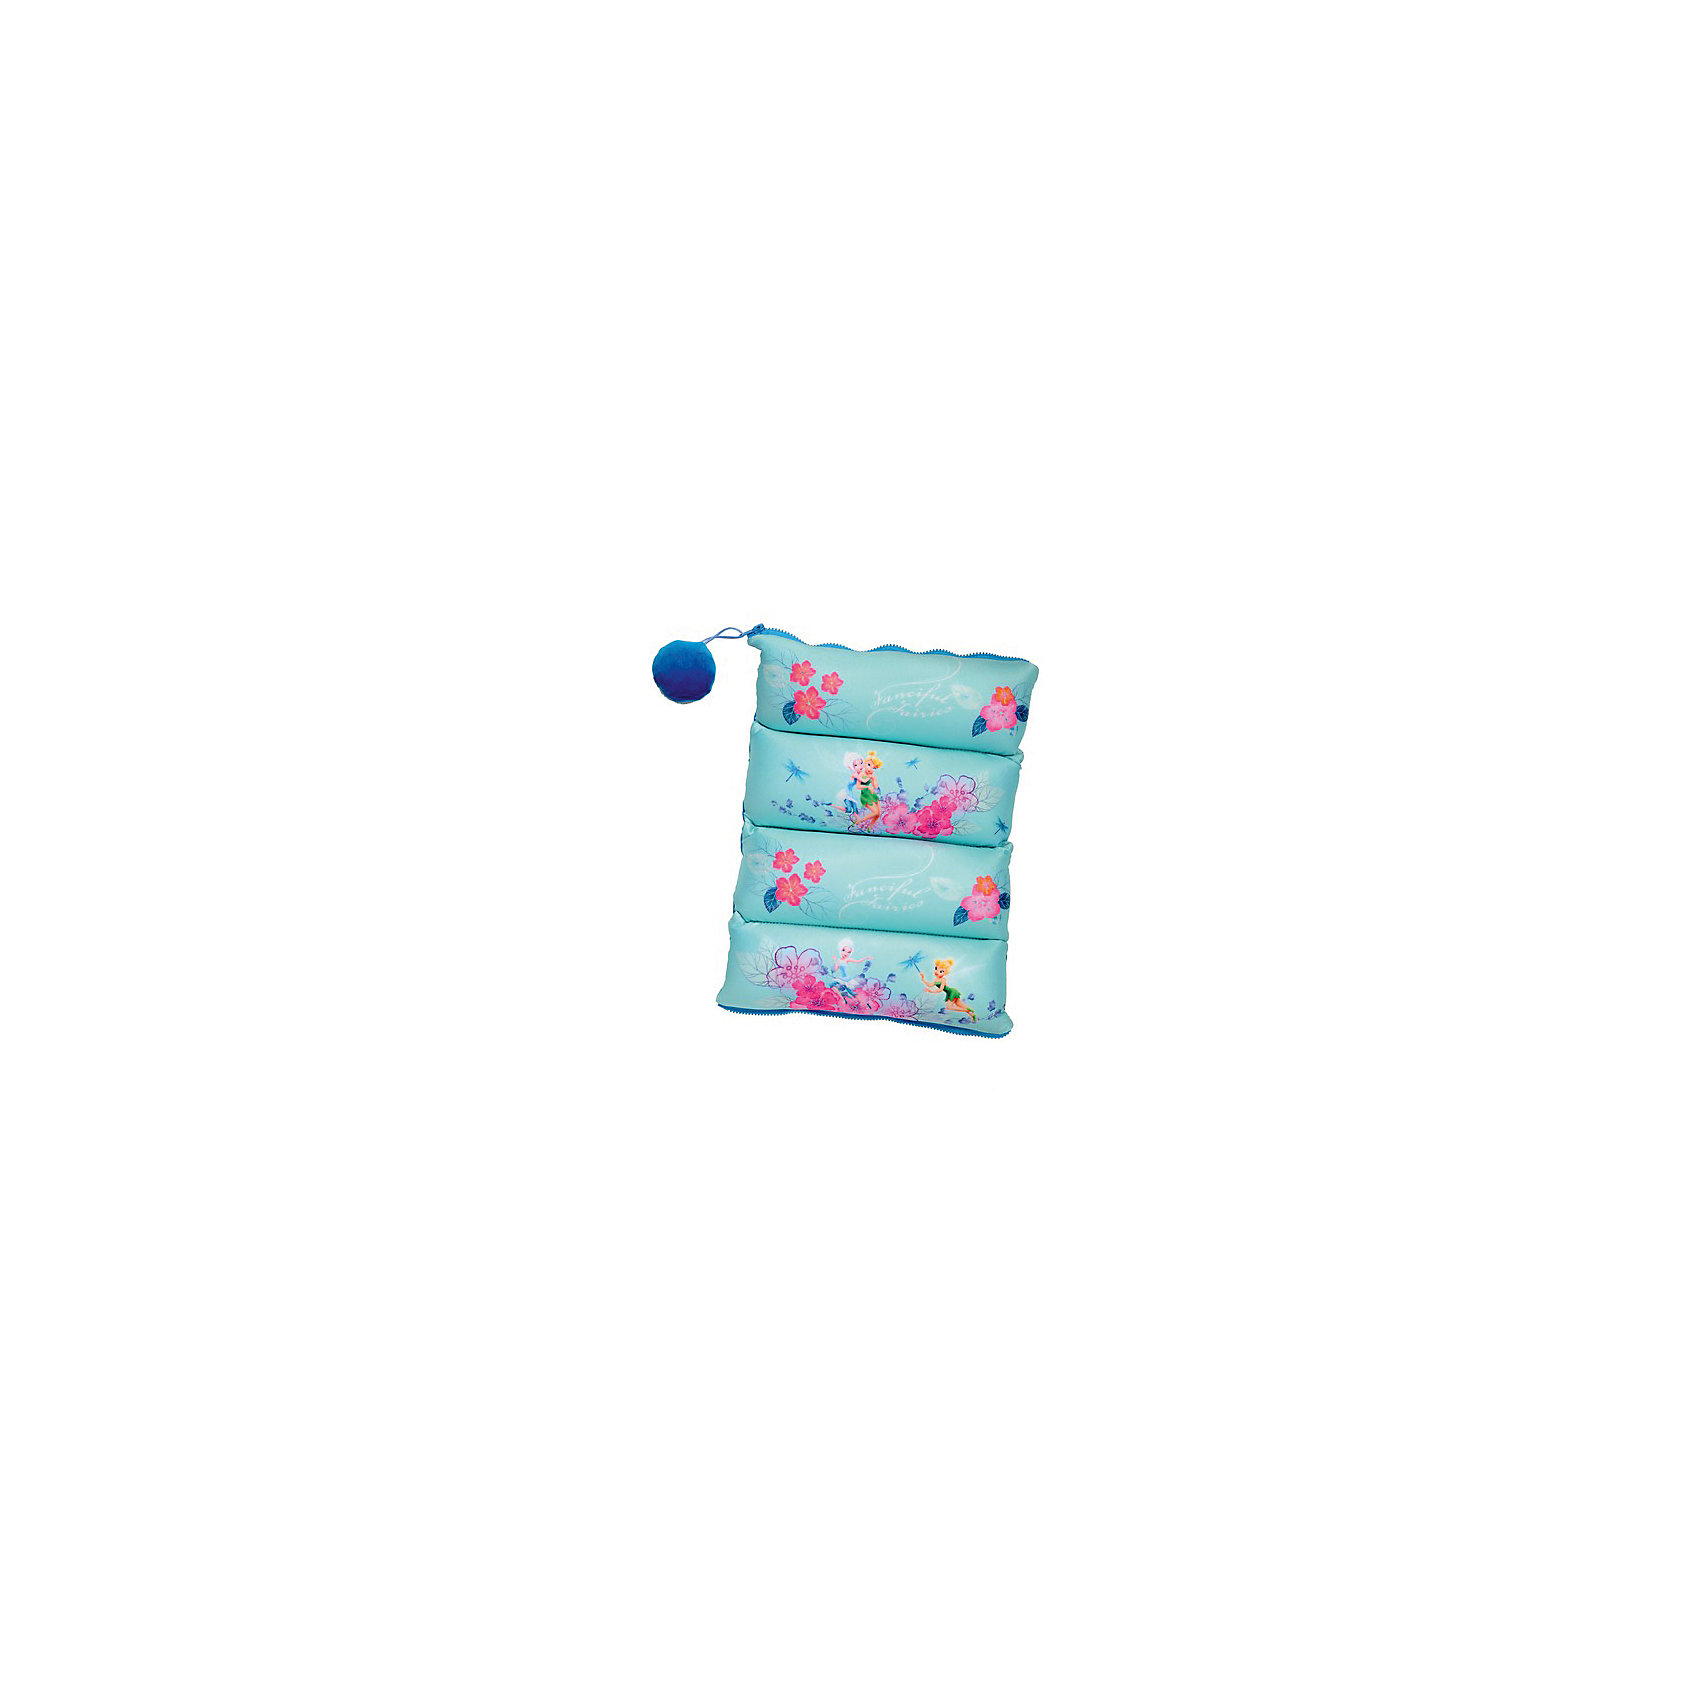 Игрушка антистресс муфточка Феи В46, арт. 51761, Small Toys, голубойХарактеристики товара:<br><br>• материал: текстиль, шарики полистирол<br>• для девочек<br>• украшена принтом<br>• эффект массажа<br>• страна бренда: Российская Федерация<br>• страна производства: Российская Федерация<br><br>Муфточка сделана из приятного на ощупь материала и специального наполнителя - гранул полистирола, которые приятно пересыпаются внутри неё.<br>Такое изделие сможет оказывать точечный массаж ладошек, если держать её в руках, развивать моторику и отвлекать ребенка при необходимости. Муфточка выполнена в приятной расцветке. Швы хорошо проработаны. Изделие произведено из сертифицированных материалов, безопасных для детей.<br><br>Игрушку антистресс муфточка Феи В46, арт. 51761/Lb от бренда Small Toys можно купить в нашем интернет-магазине.<br><br>Ширина мм: 460<br>Глубина мм: 60<br>Высота мм: 260<br>Вес г: 255<br>Возраст от месяцев: 36<br>Возраст до месяцев: 72<br>Пол: Женский<br>Возраст: Детский<br>SKU: 4026271